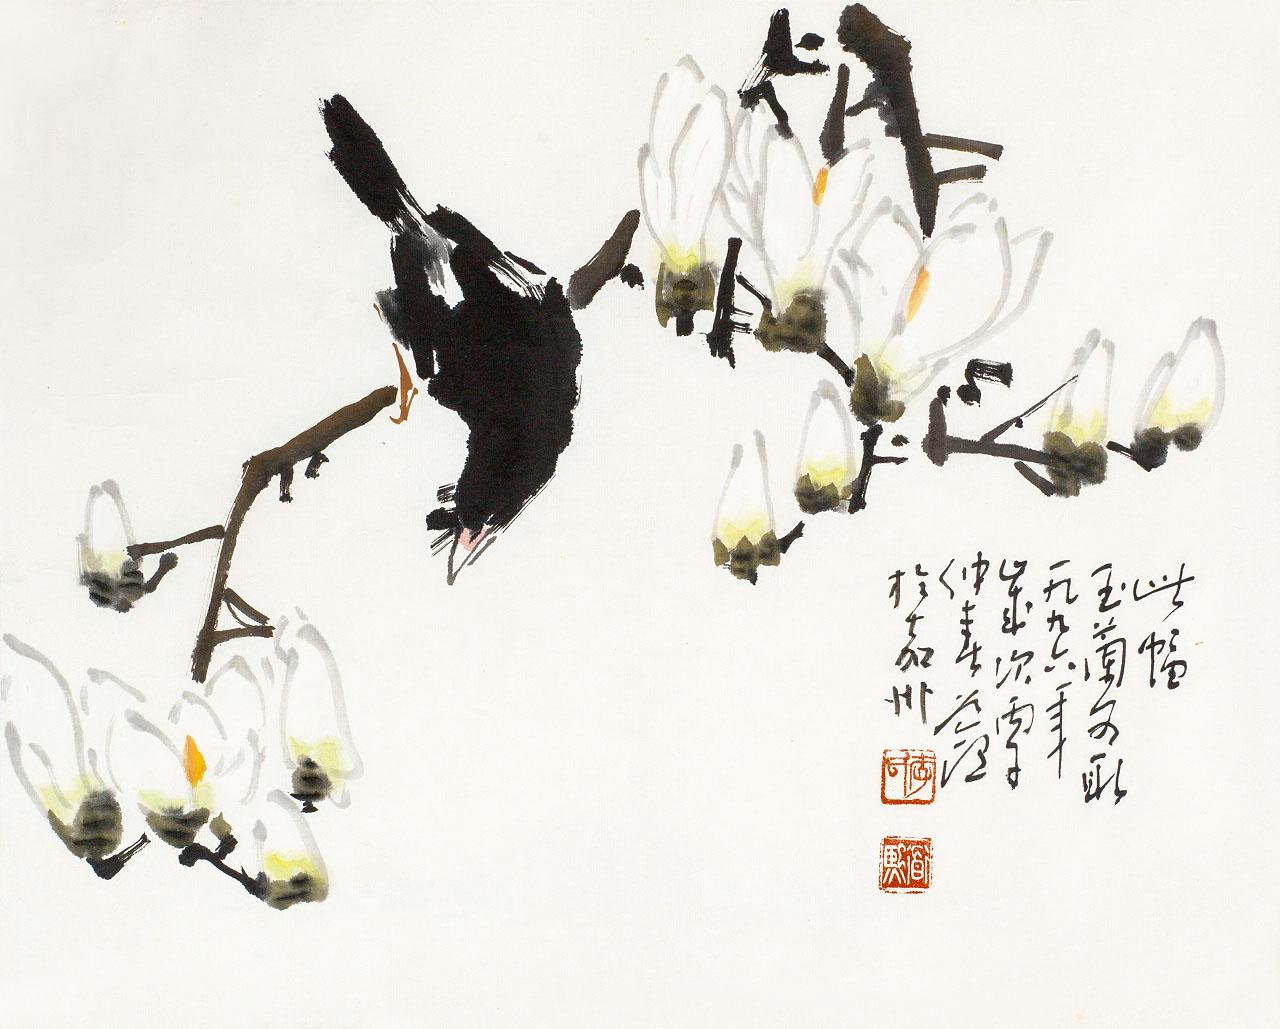 李道熙 (1920-2007)。四川嘉州画派著名花鸟画家,嘉州画派创始人之一。中国美术家协会会员、四川省文史馆员,生前曾任四川乐山美协主席。四川省犍为县人,1920年出生。曾在五通桥中学从事教育30年,从事书画50年。现为四川省文史馆员、北京中央书画院院士,四川省书协、成都画院、乐山嘉州画院顾问,乐山市美协主席。   李道熙早年师承丰子恺、梁又铭等名家。后博采众家兼收并蓄,师法自然,融会贯通,在继承传统绘画与现代美术的结合上,尤其在花鸟画和书法上有所独创,形成自家风格。 曾为黄河流域碑林、四川峨眉山等